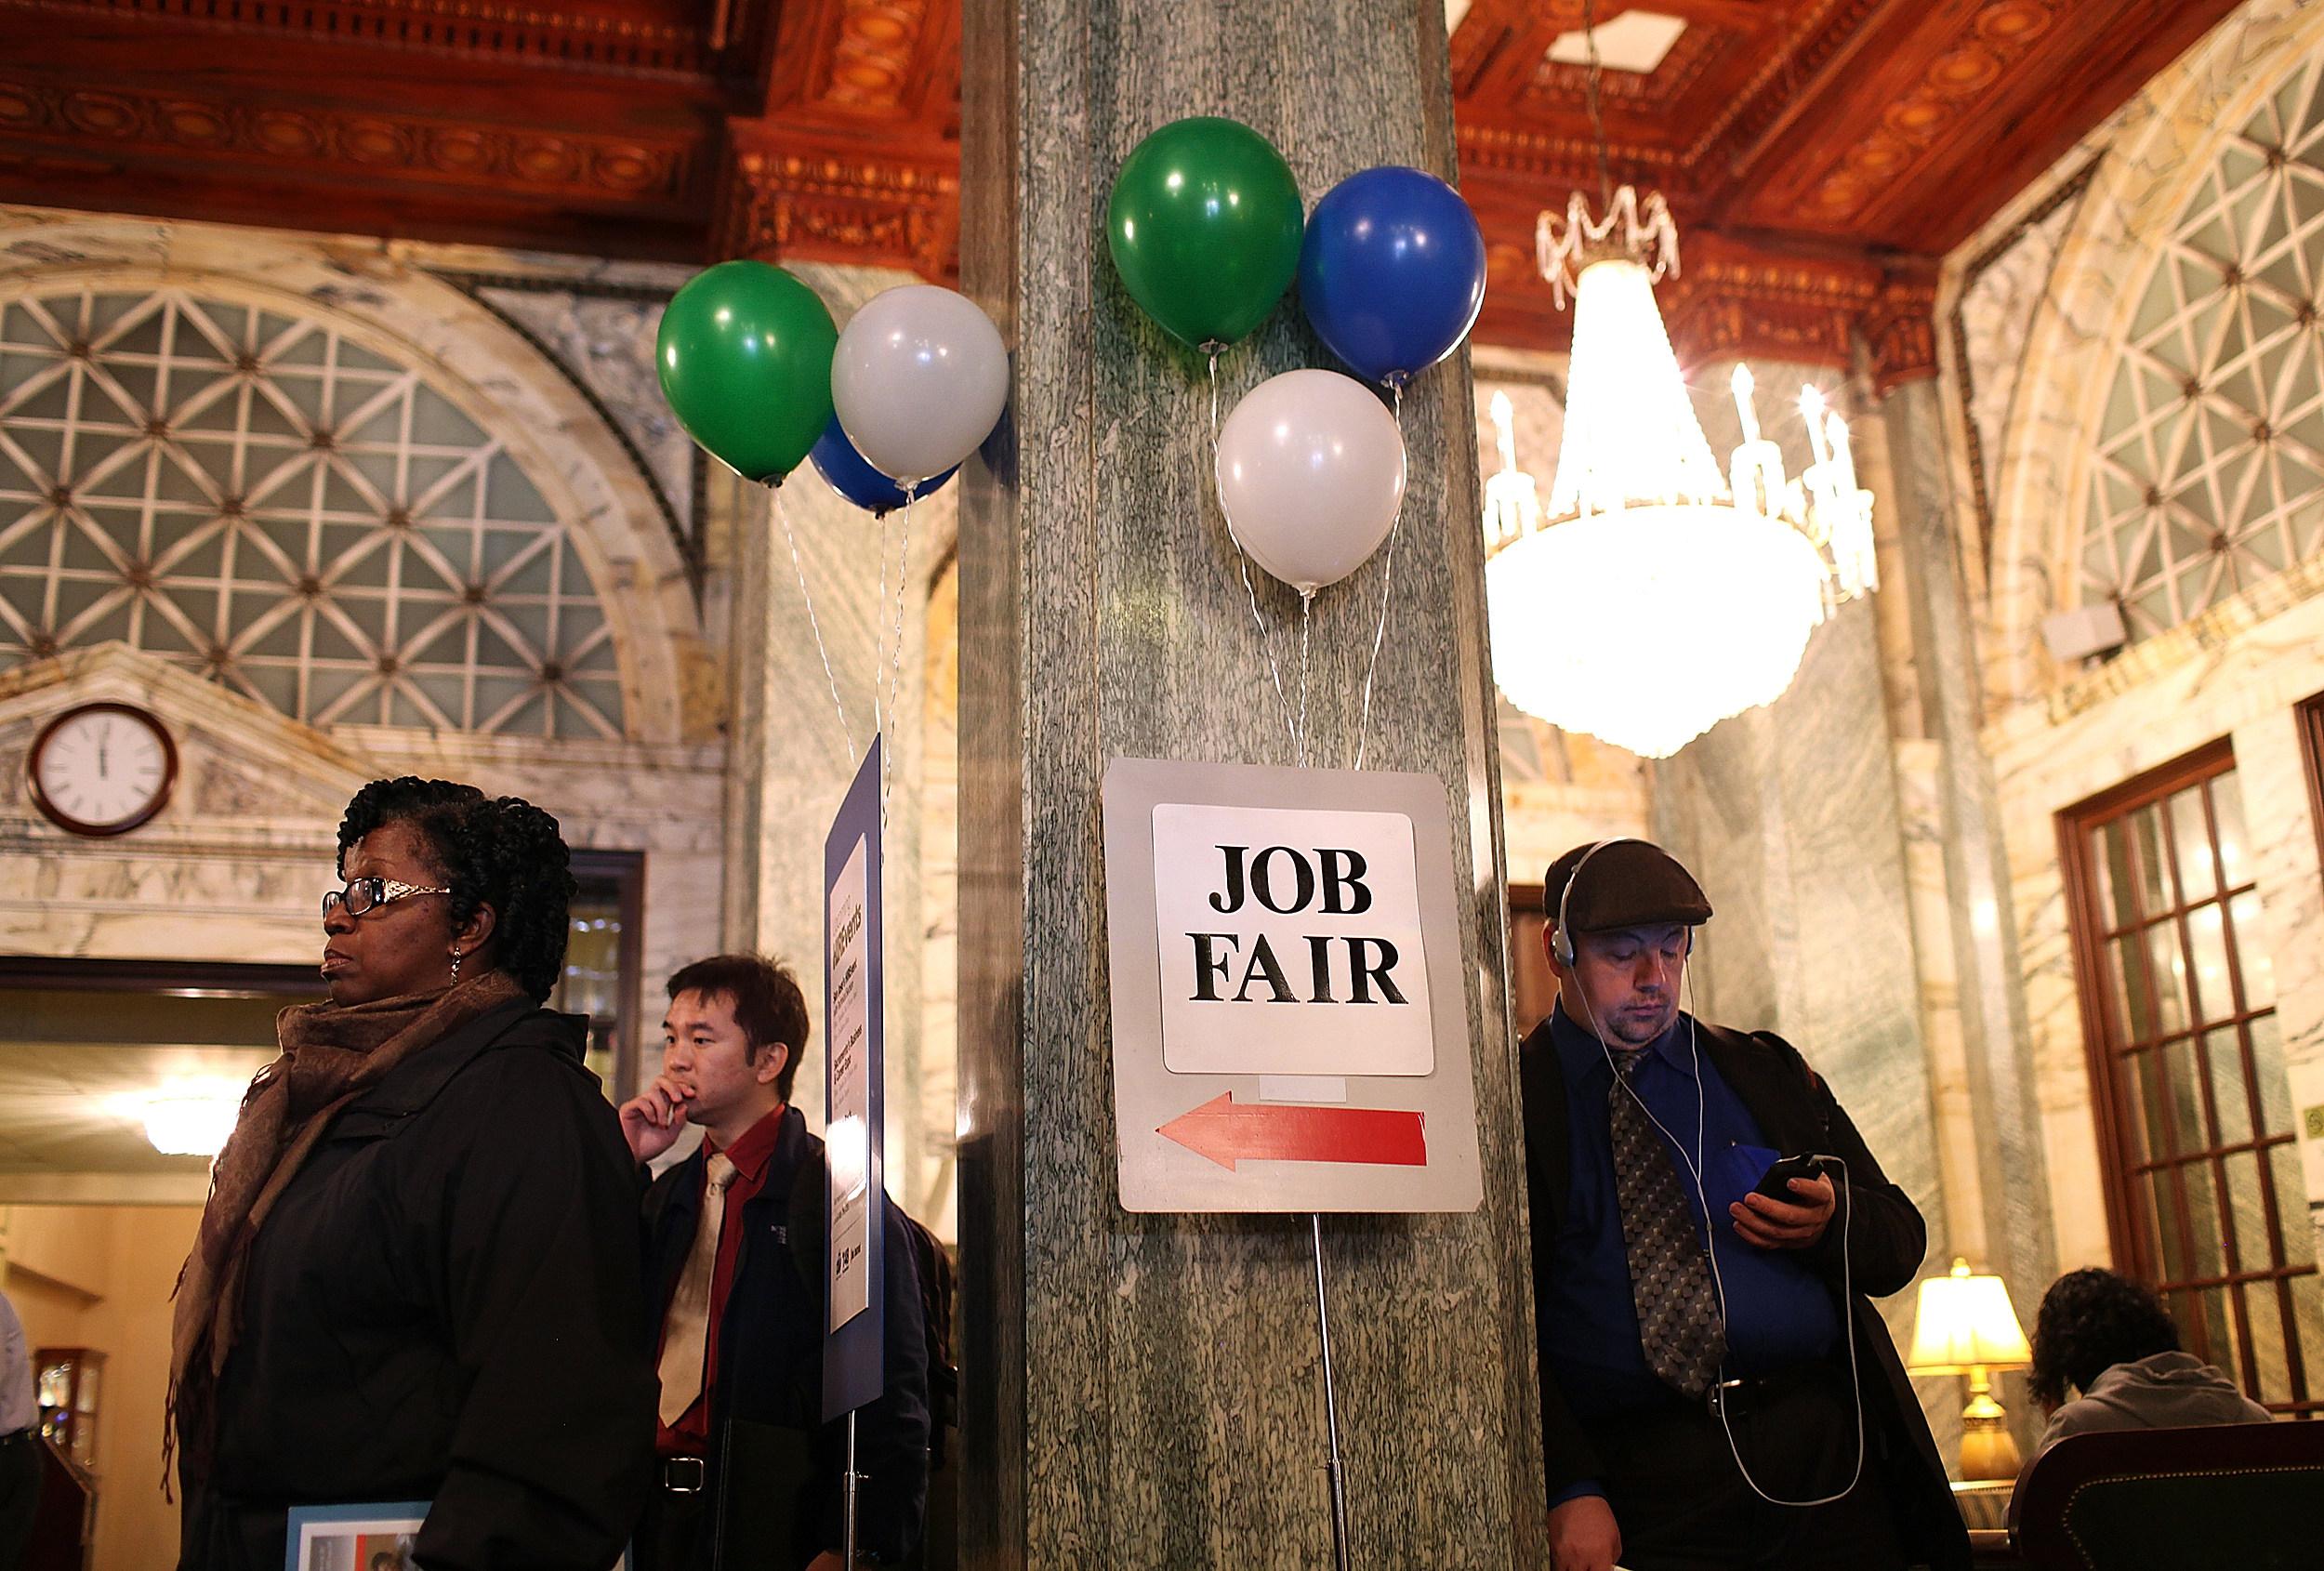 Career Fair Held For Job Seekers